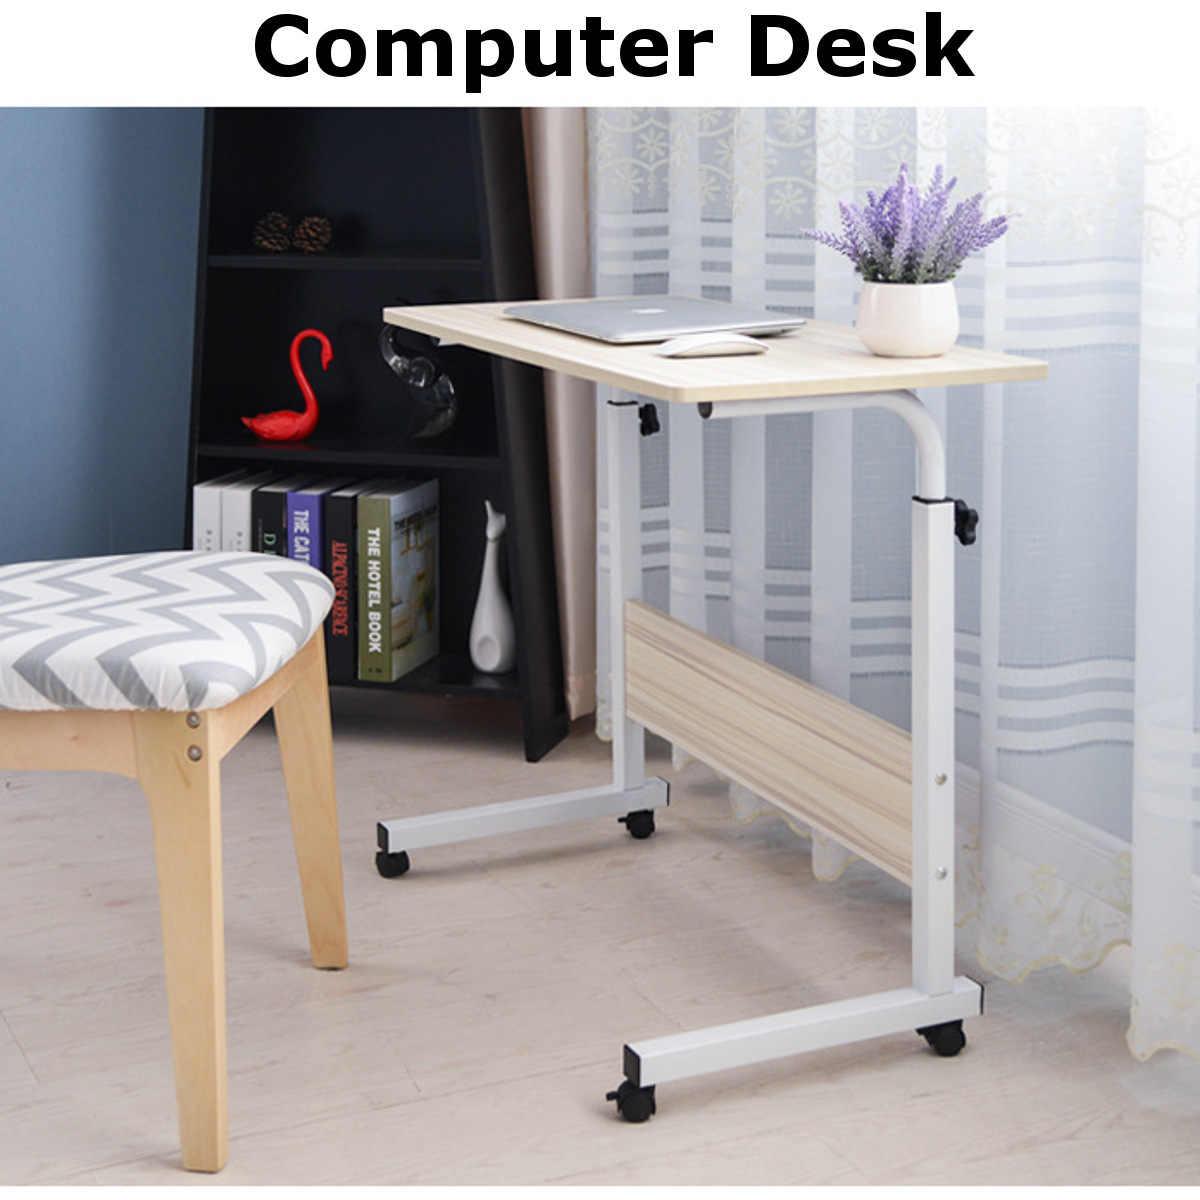 70-90cm escritorios de ordenador plegables con mesa de ordenador portátil enrollable Escritorio de aprendizaje de estudiantes bandeja de cama móvil Oficina hogar soporte ventilado